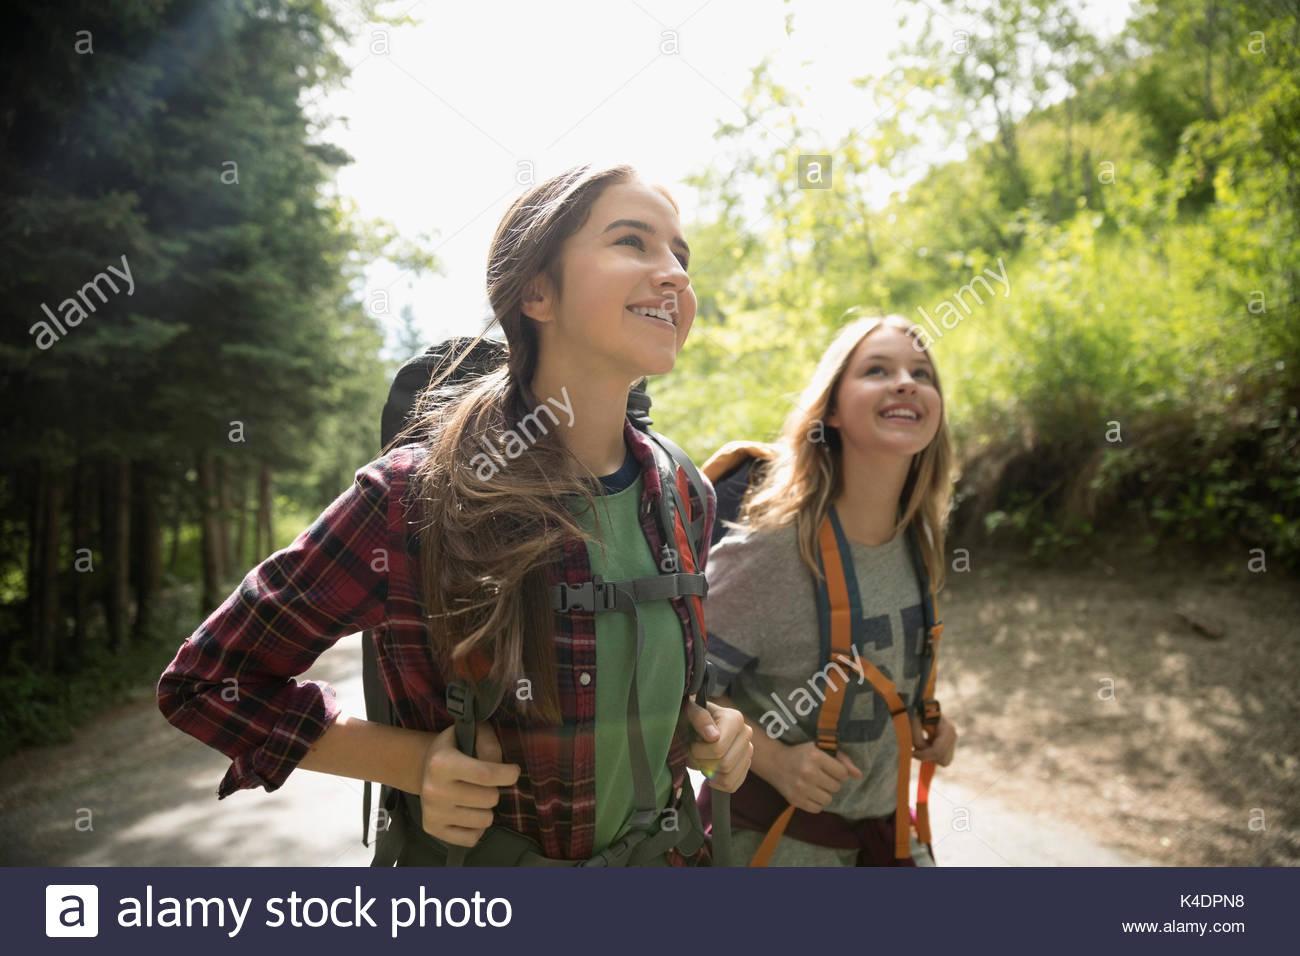 Curioso, sorridente ragazza adolescente amici con zaini escursioni nei boschi Immagini Stock